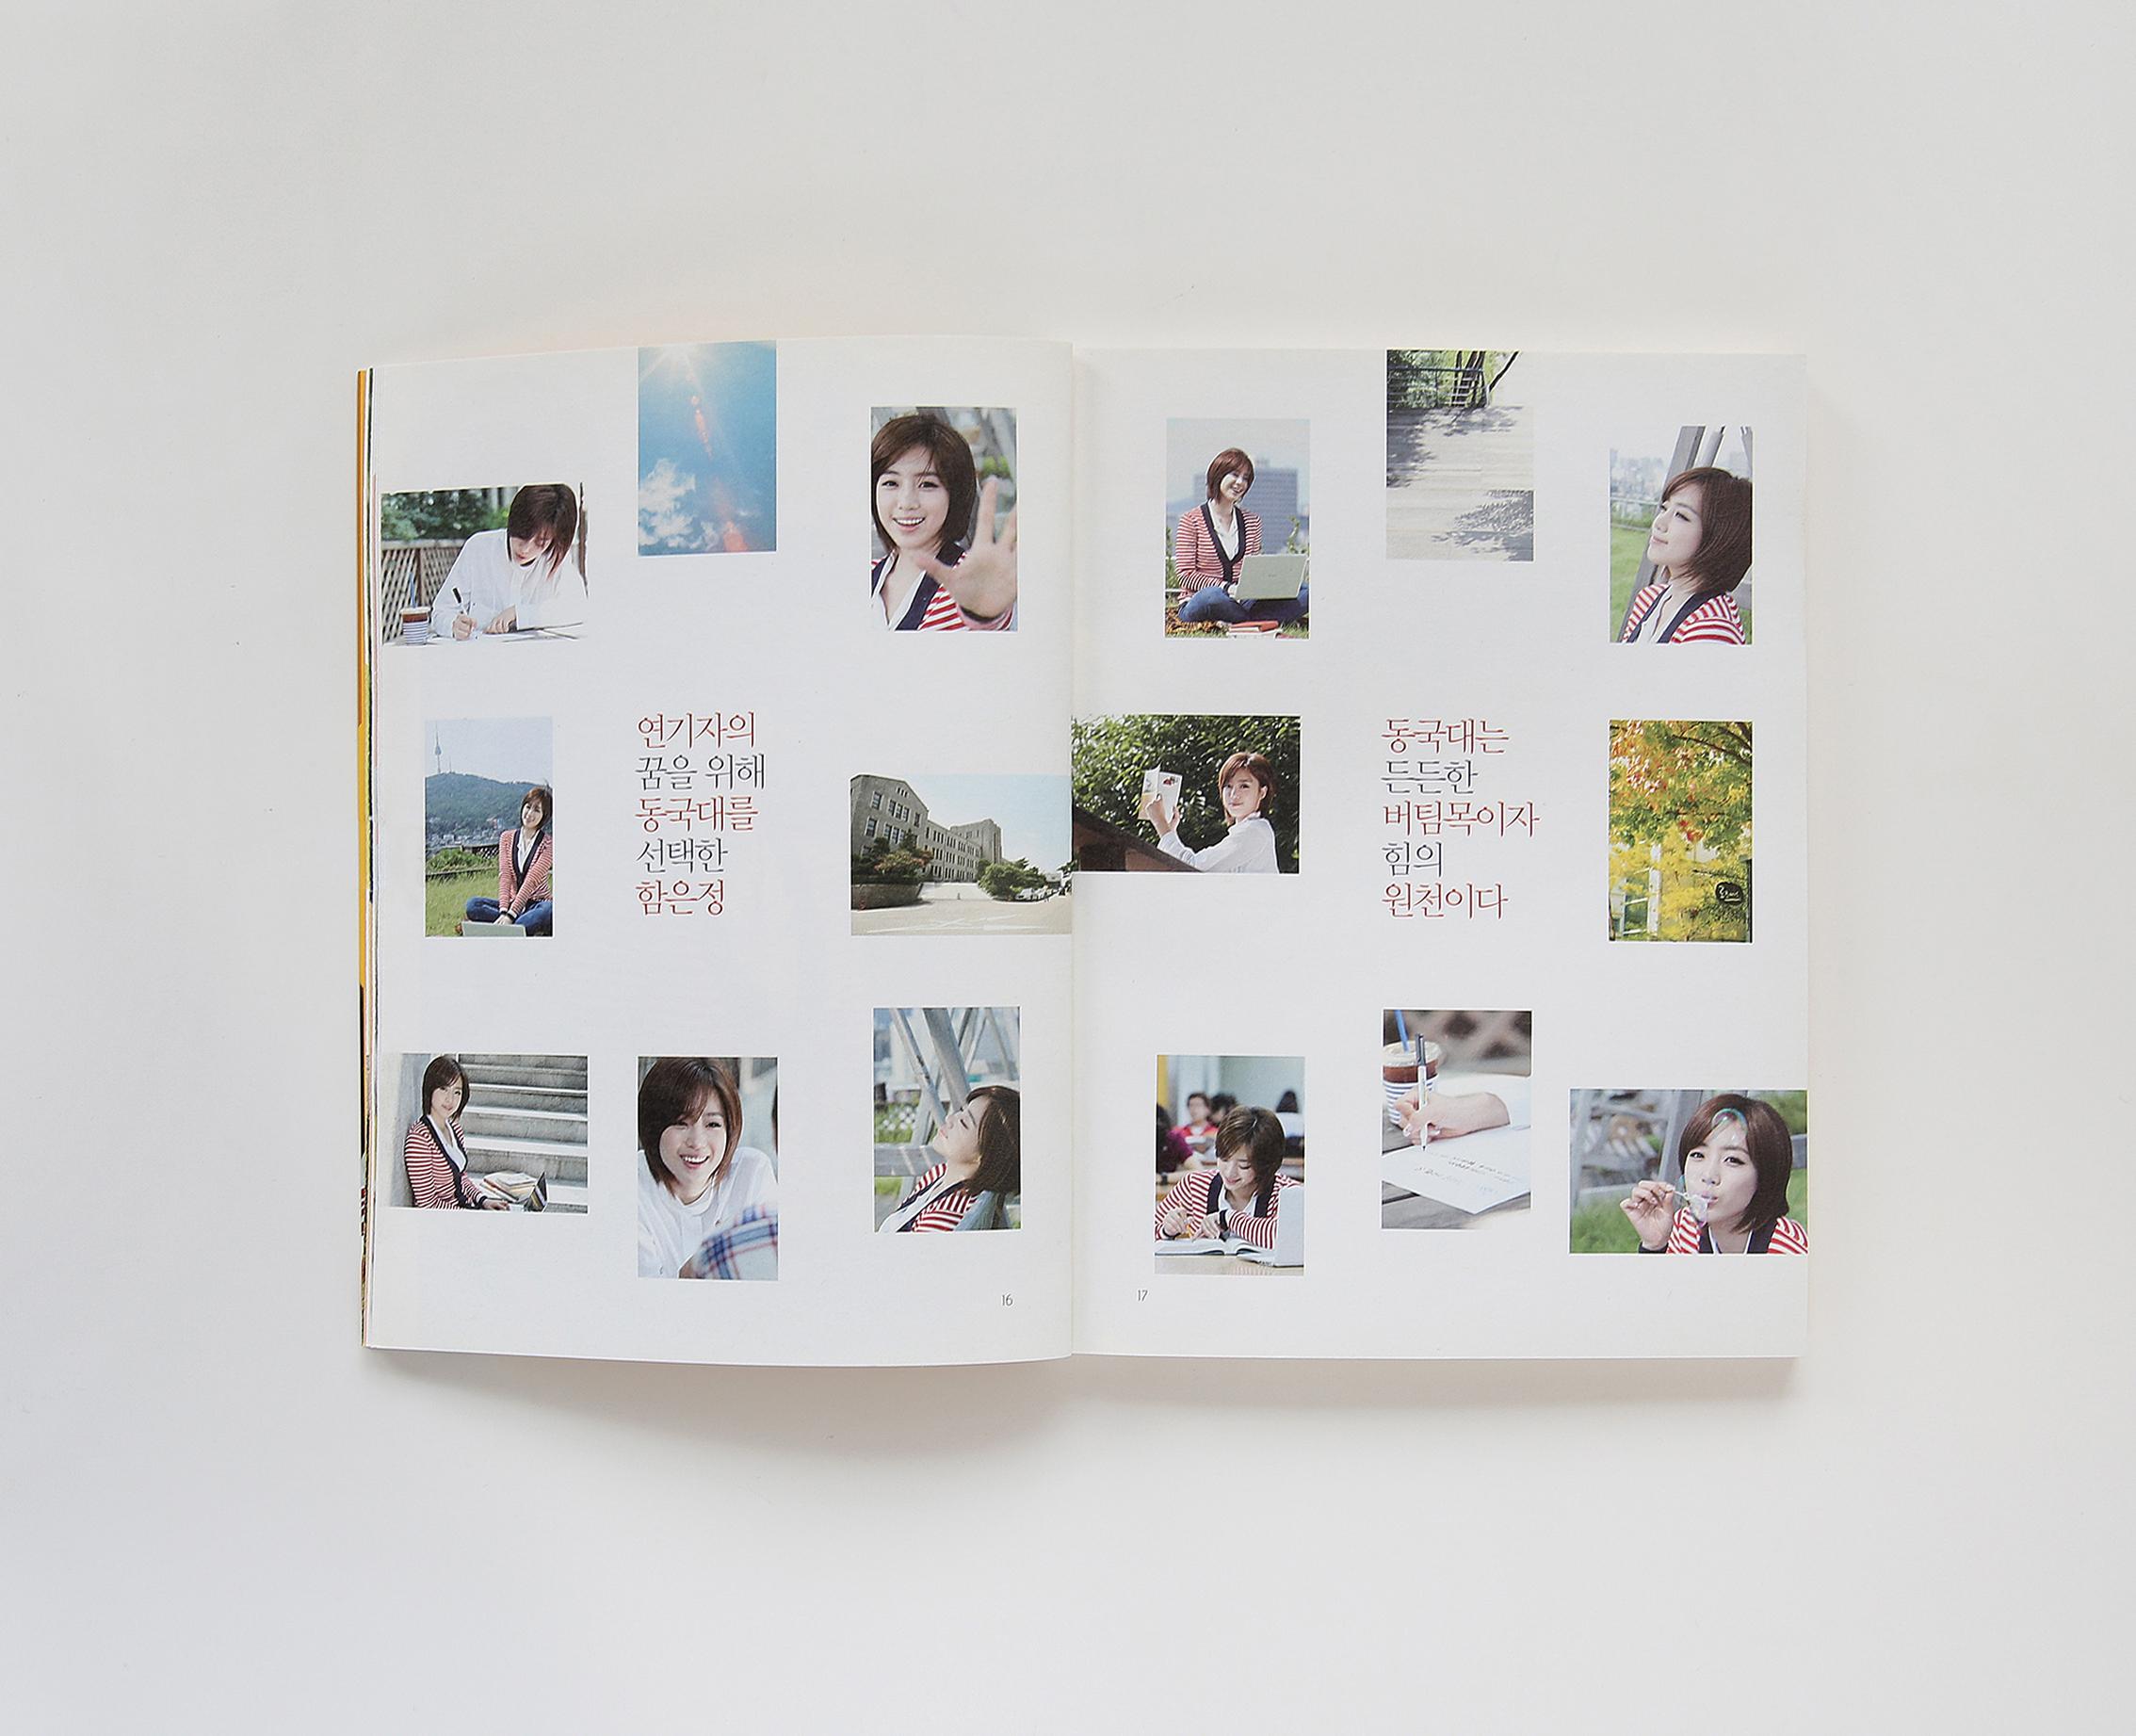 5d-mark3-20140517 186재촬영